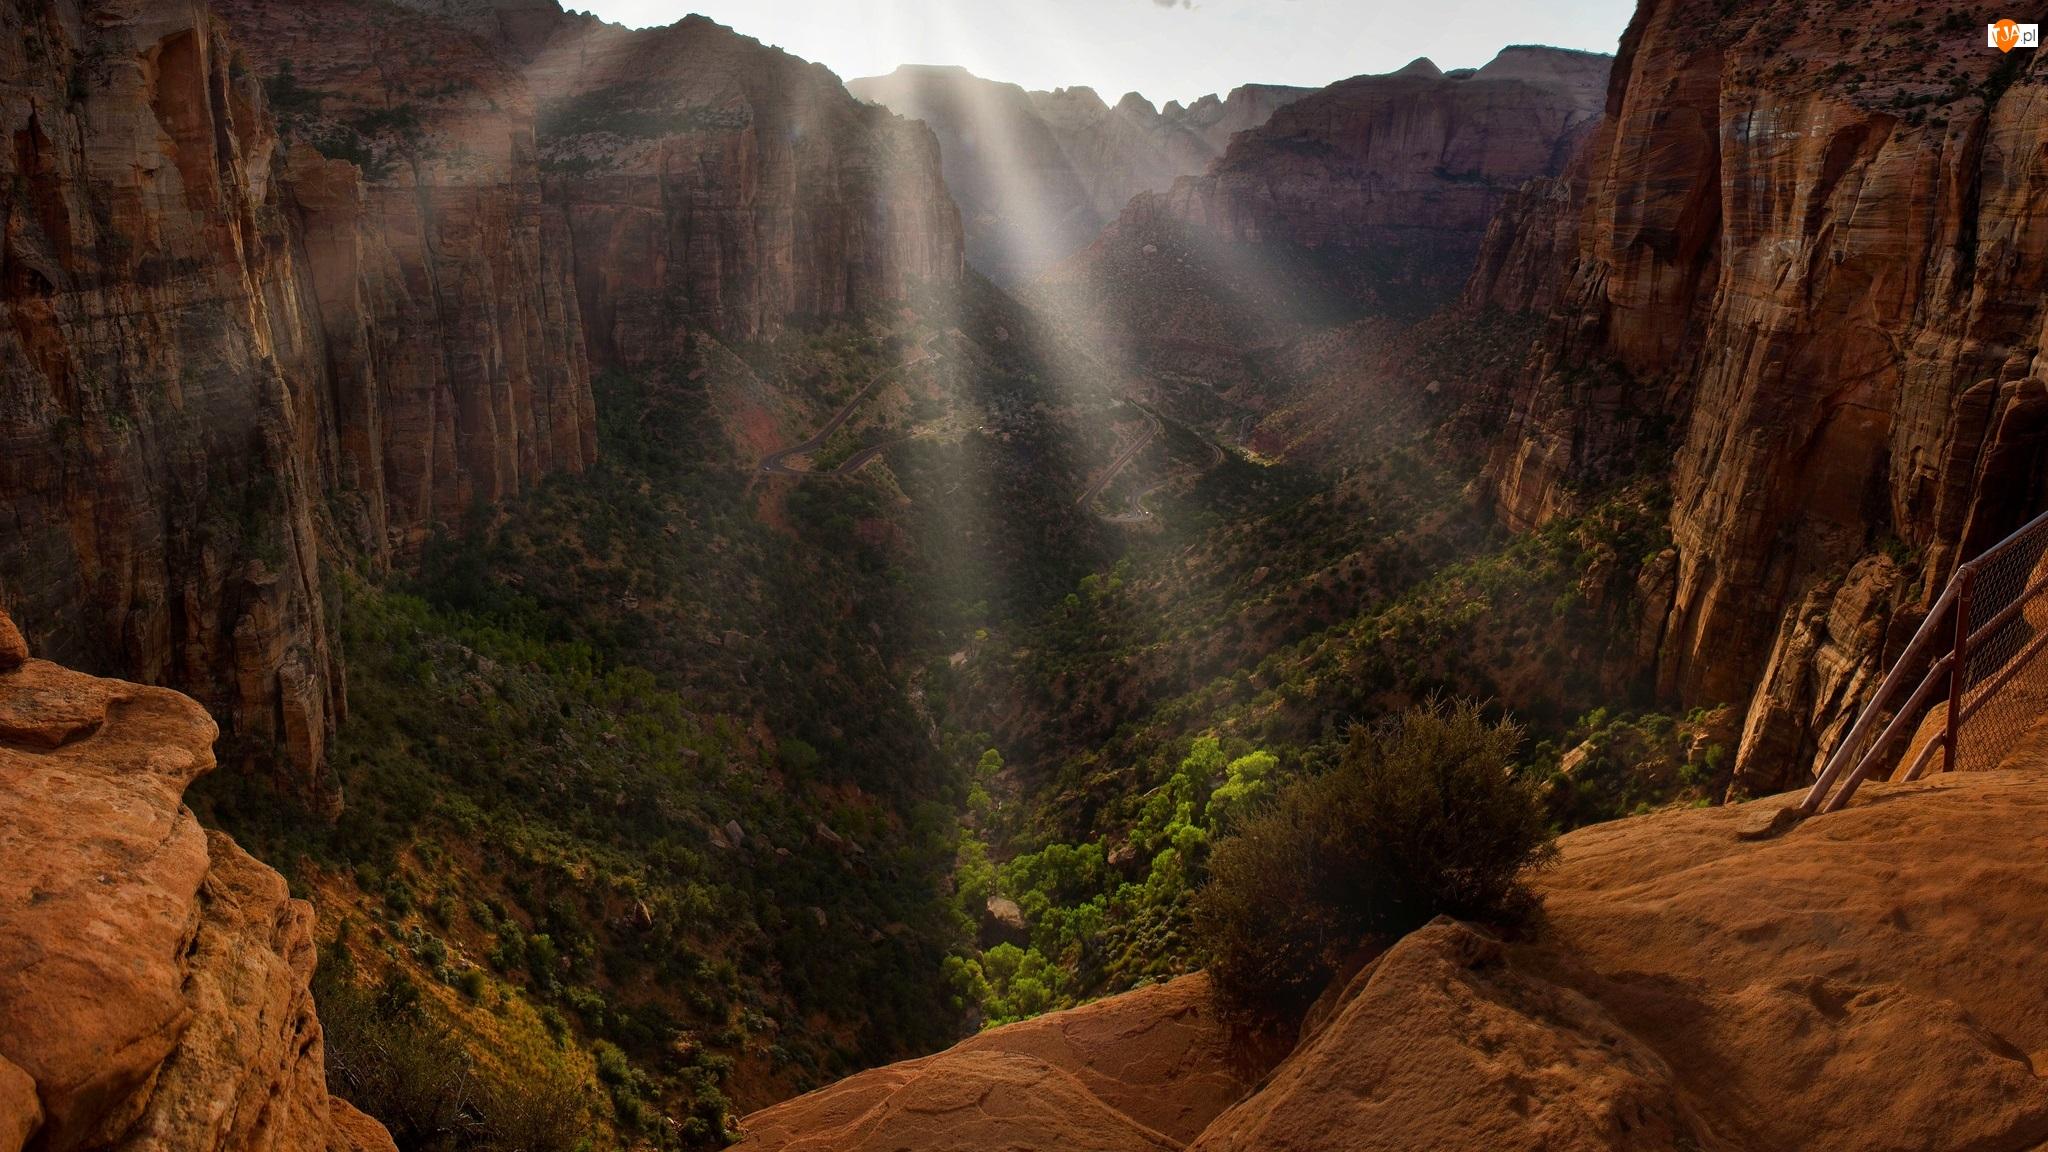 Stany Zjednoczone, Zion Canyon, Stan Utah, Park Narodowy Zion, Dolina, Promienie słońca, Rośliny, Kanion, Skały